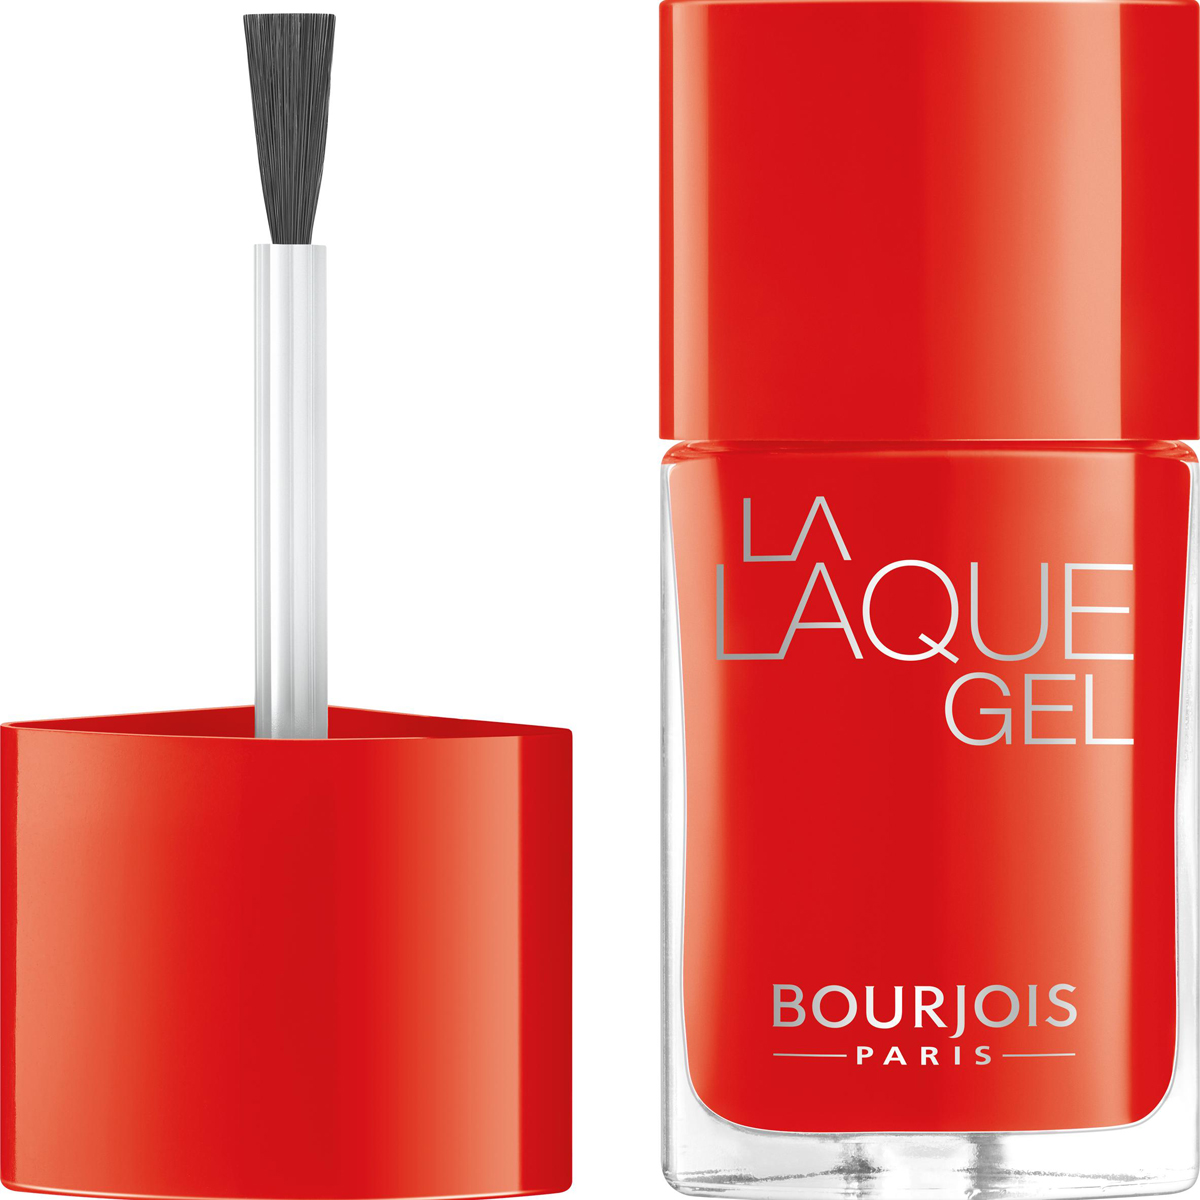 Bourjois Гель-лак Для Ногтей La Laque Gel, Тон 27294-311Маникюр в 2 шага. Без УФ-лампы. Легко удалить жидкостью для снятия лака. Стойкость до 15 дней. Интенсивность цвета и сияние.